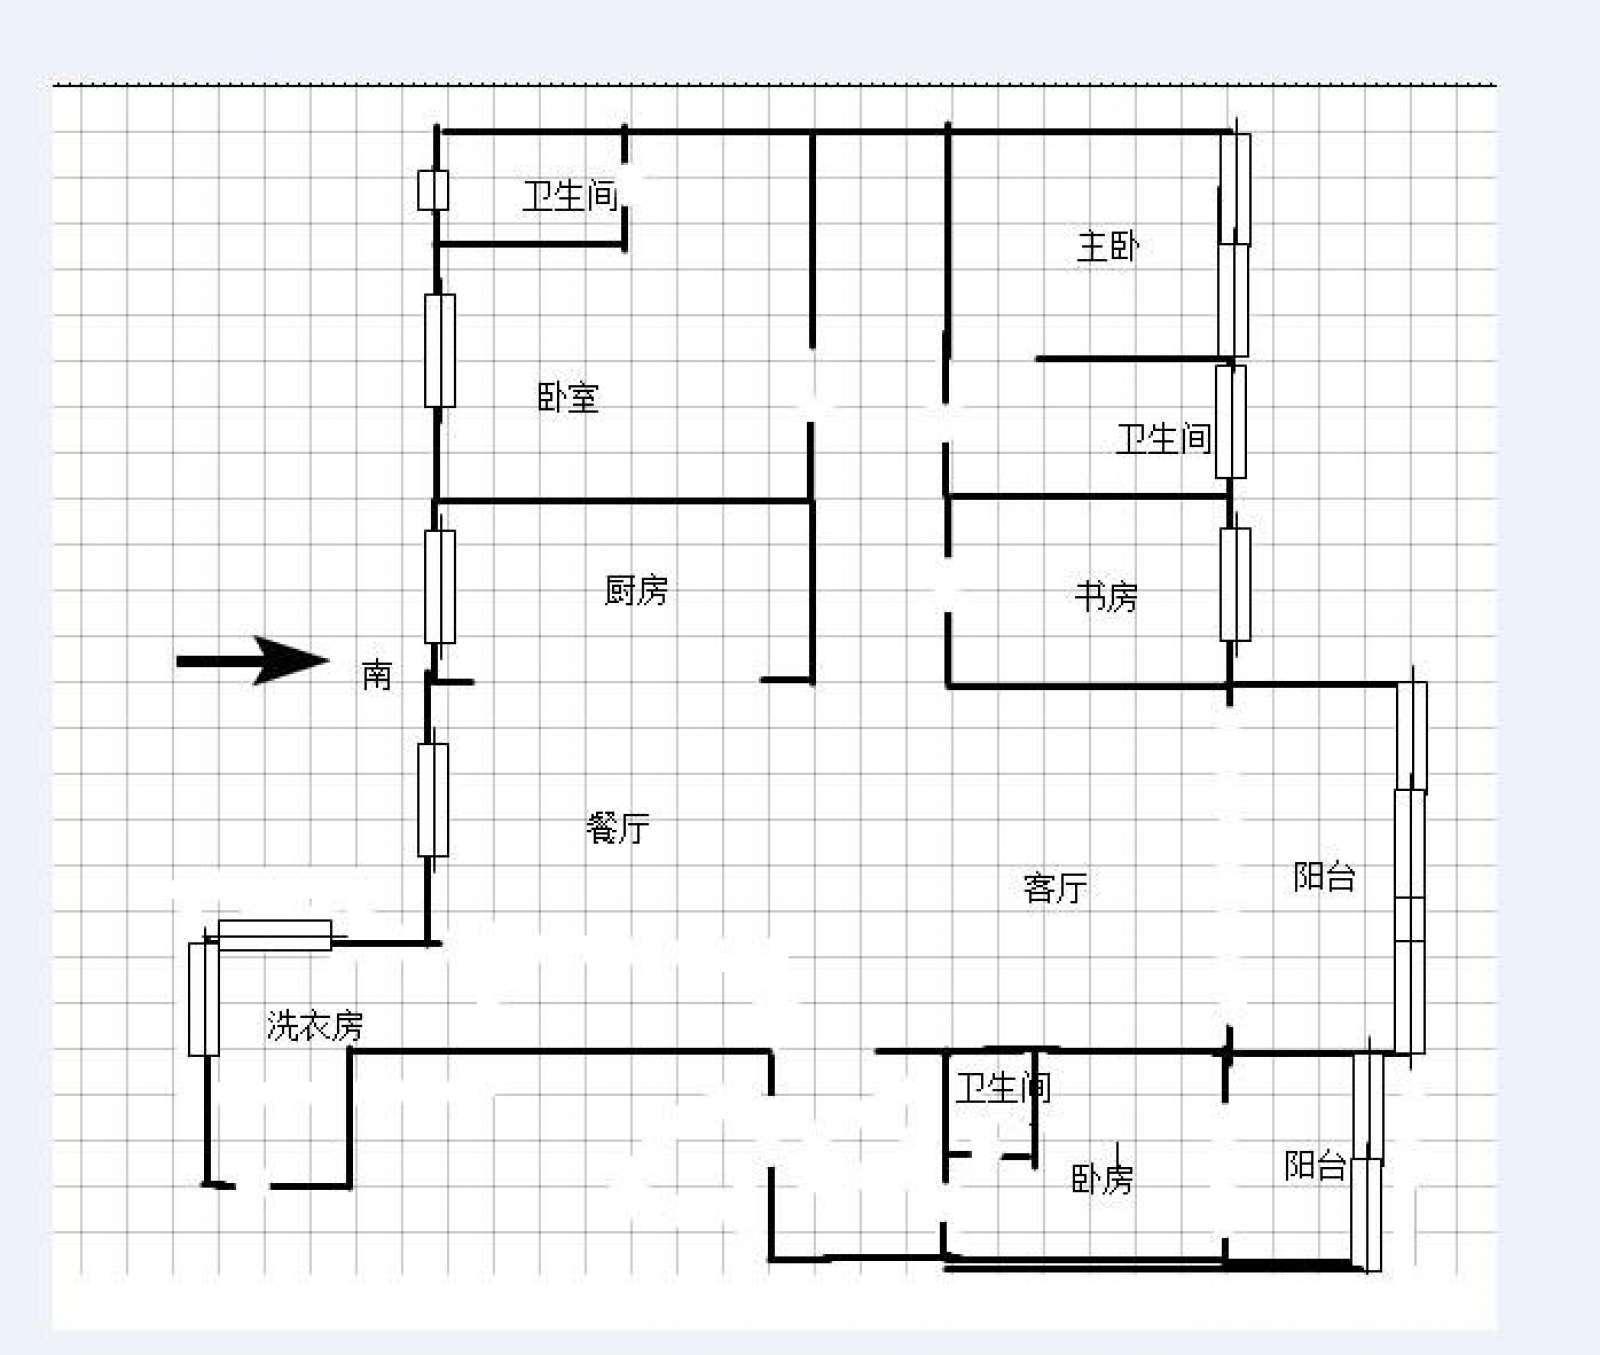 观澜盛世 5室2厅231㎡